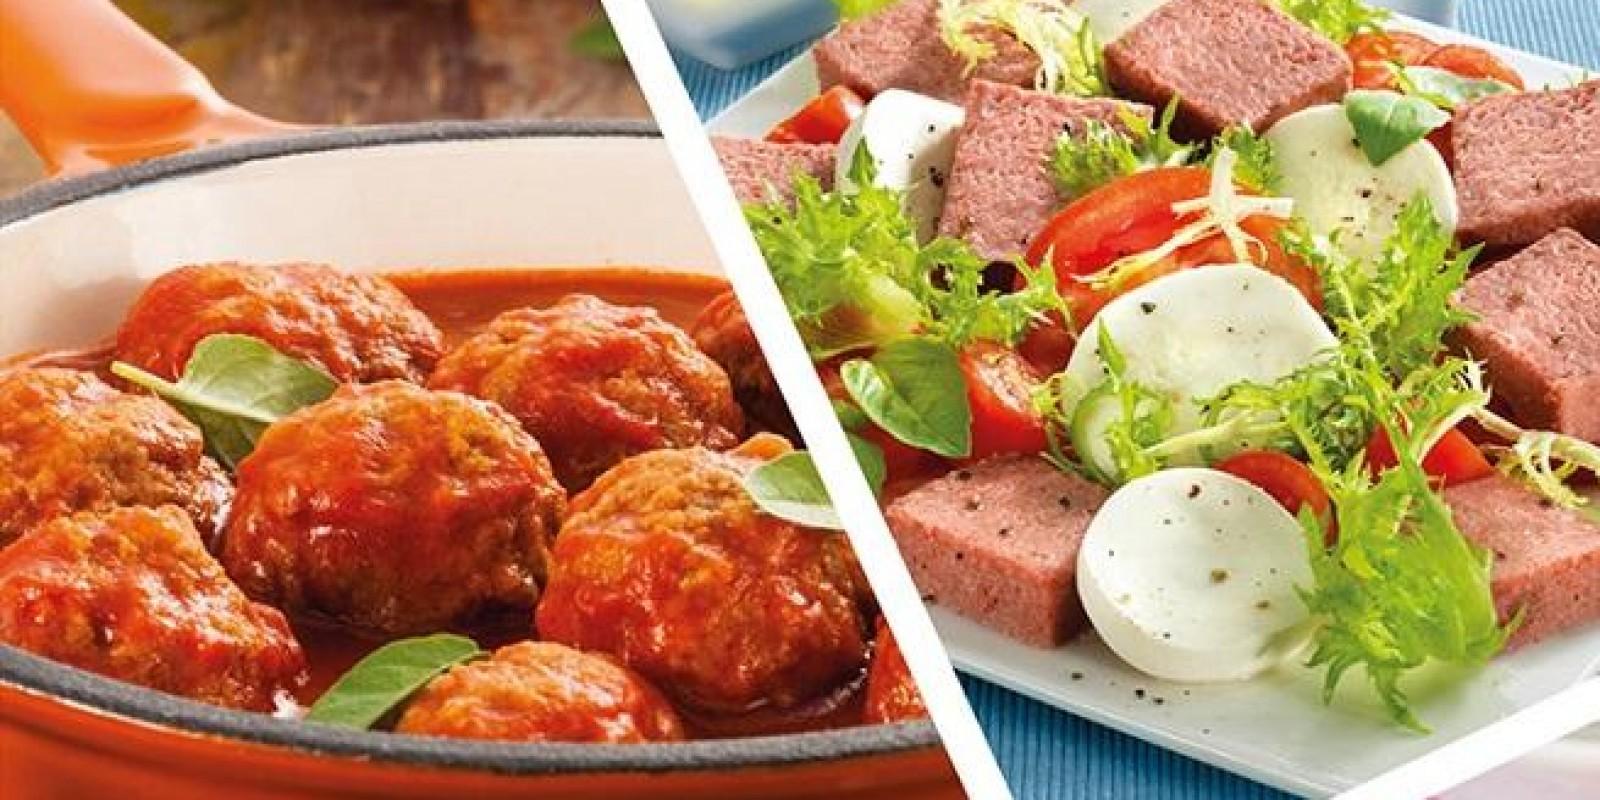 Pela qualidade e conveniência, consumidores aprovam alimentos preparados com carne bovina